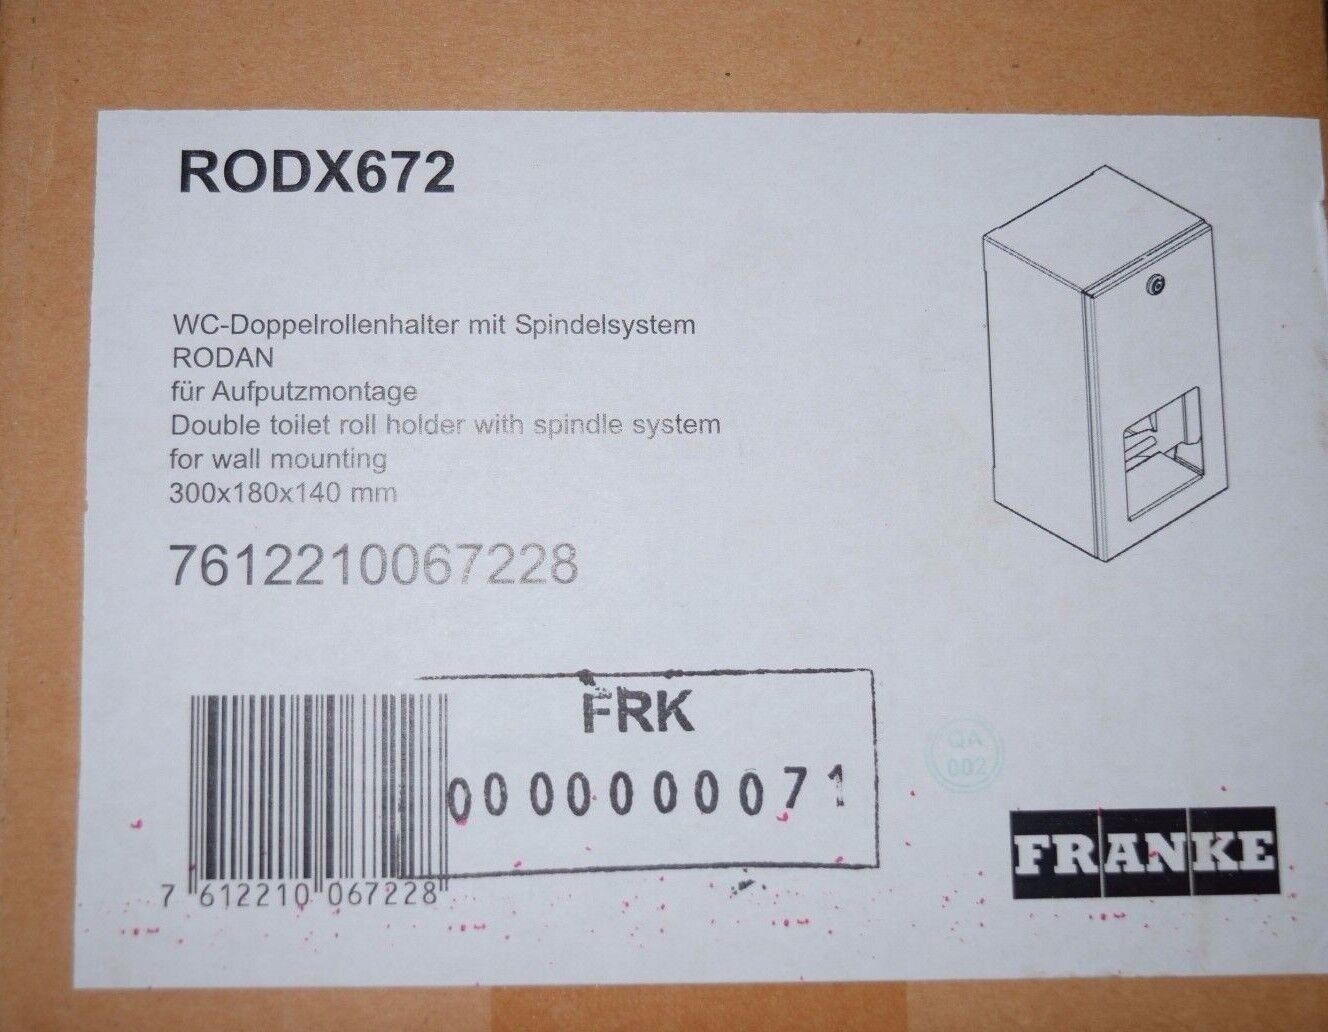 Franke RODX672 RODX672 RODX672 WC-Rollenhalter, RODAN, Edelst. f. 2 Rollen AP 144x30x138 mm (HR) | Qualität und Verbraucher an erster Stelle  fb780e